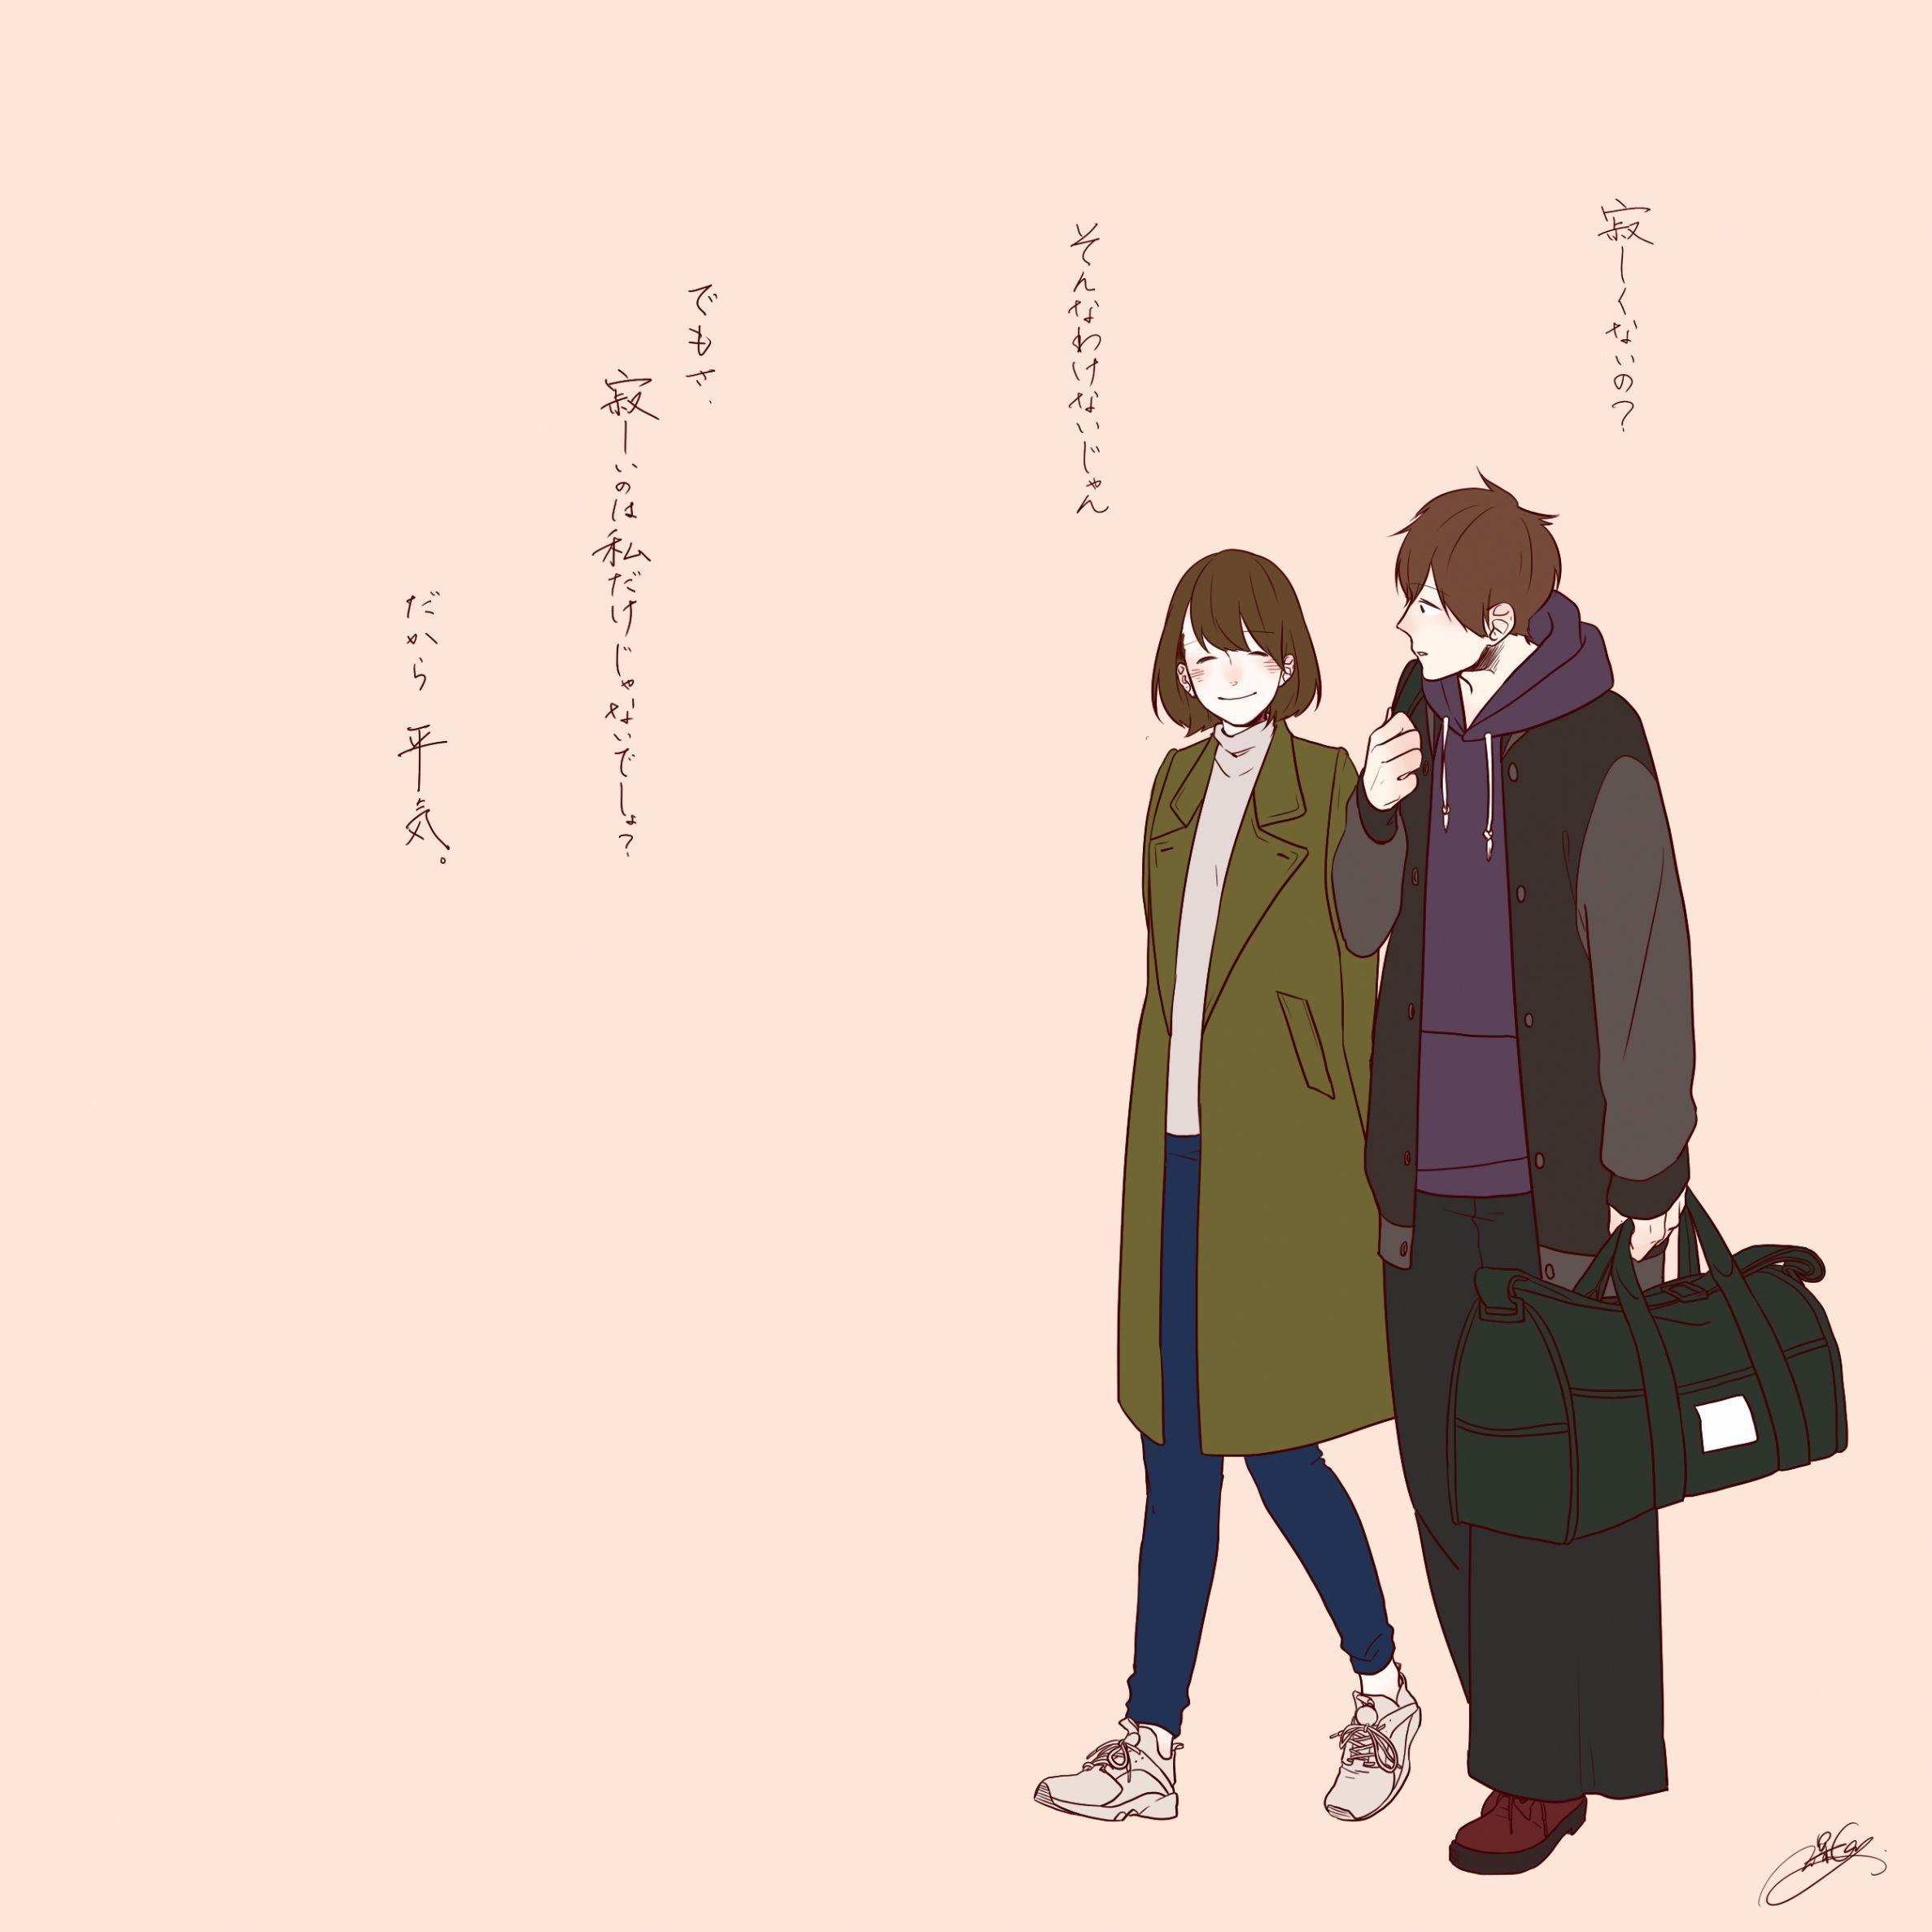 深町なかほのぼのログ004 Anime Arts In 2019 深町 なか ほのぼの